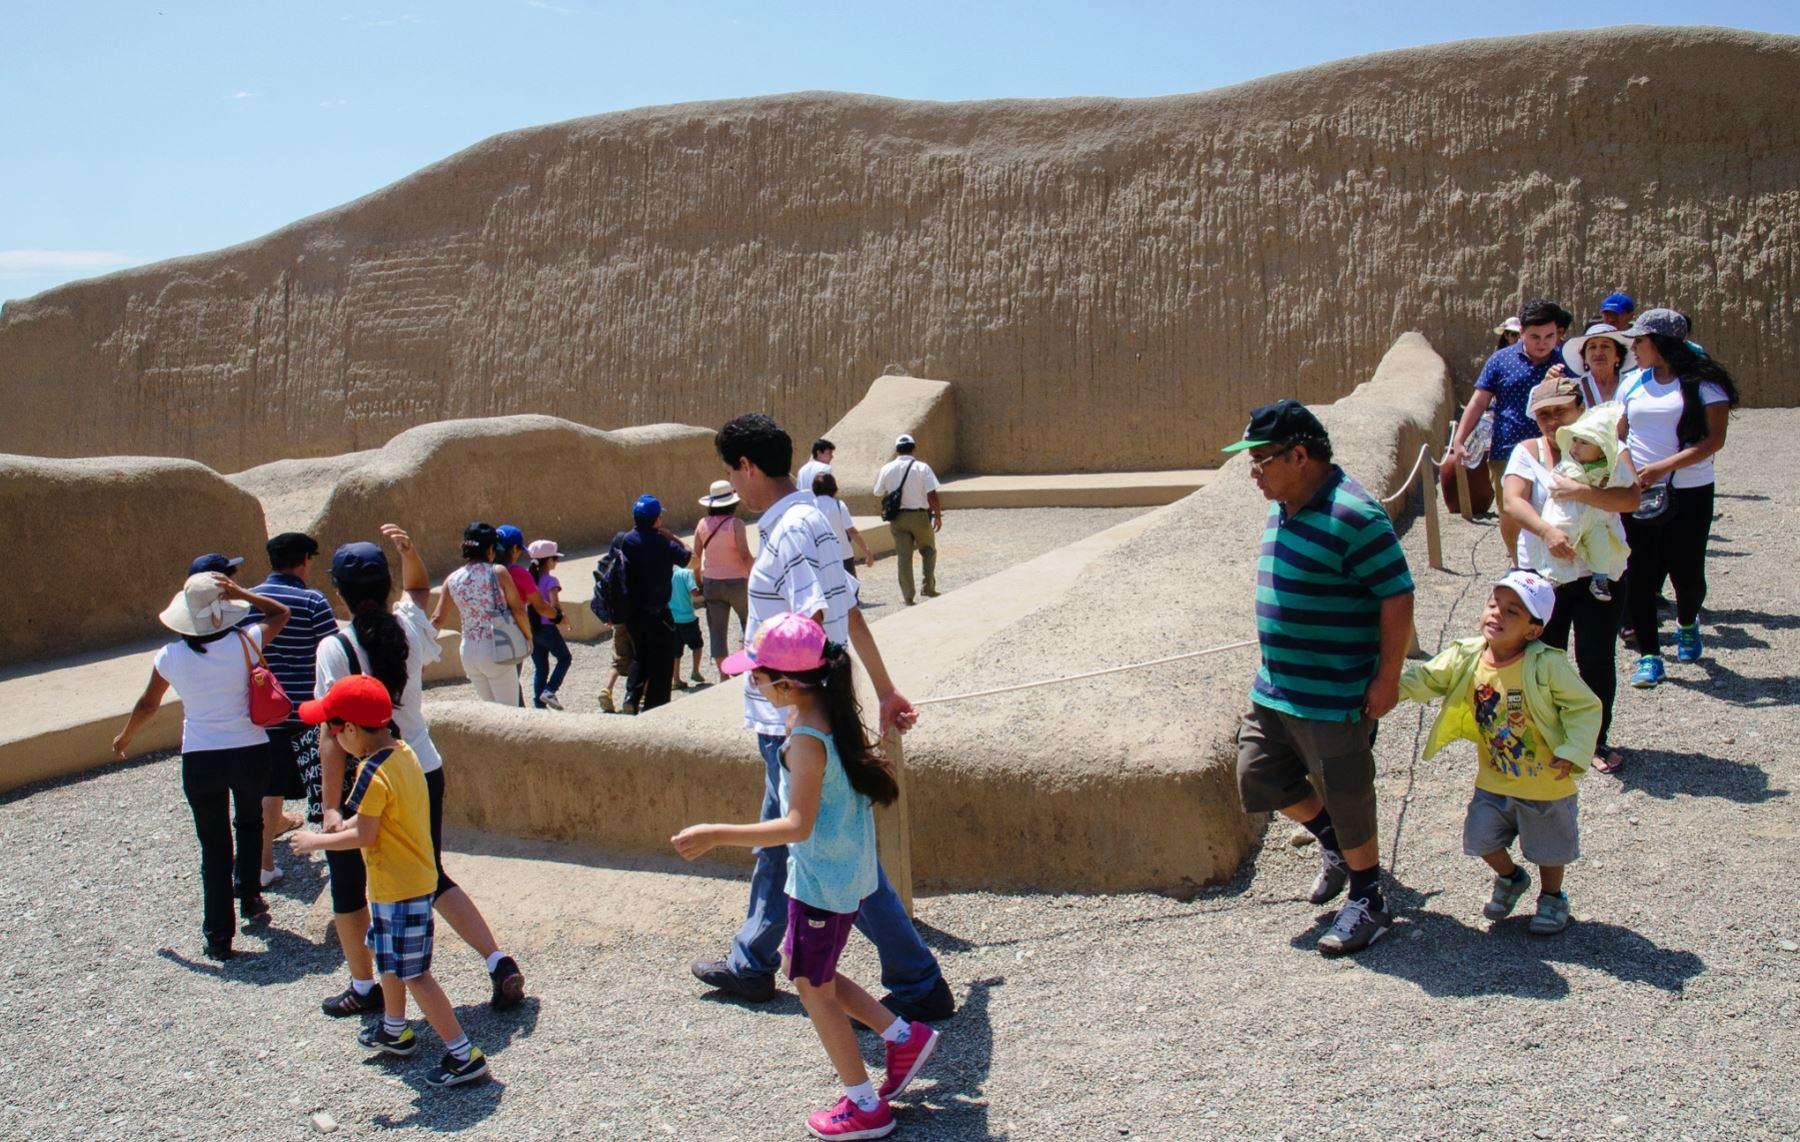 Ejecutarán proyectos para mejorar los museos de sitio de Chan Chan y huacas del Sol y la Luna, en Trujillo. ANDINA